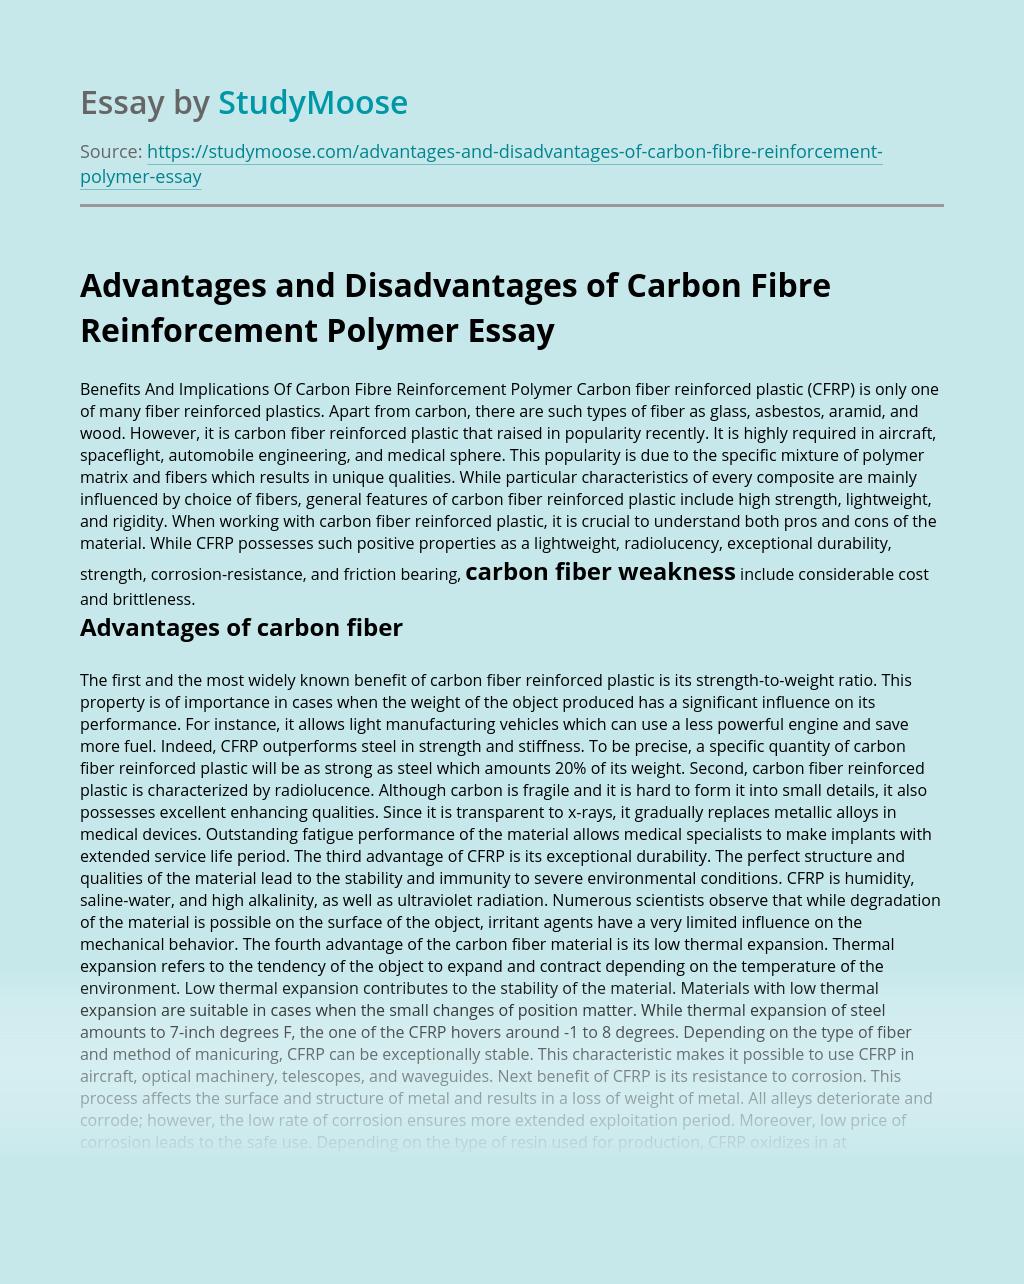 Advantages and Disadvantages of Carbon Fibre Reinforcement Polymer